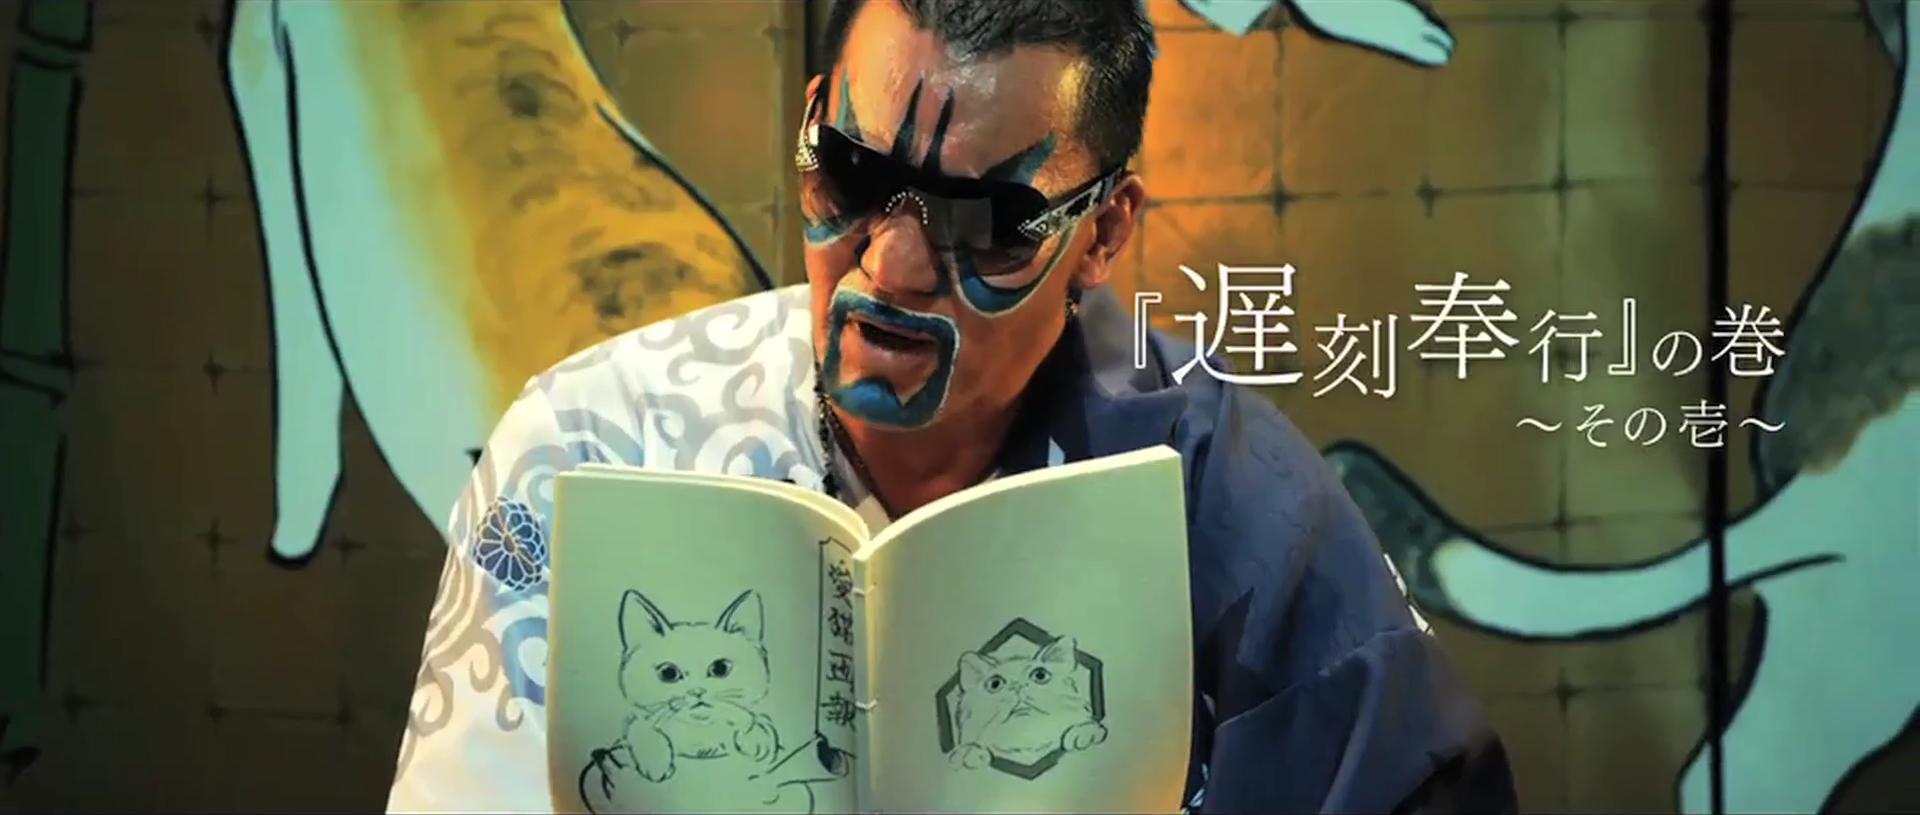 """猫好きの""""遅刻奉行""""に扮した蝶野正洋"""